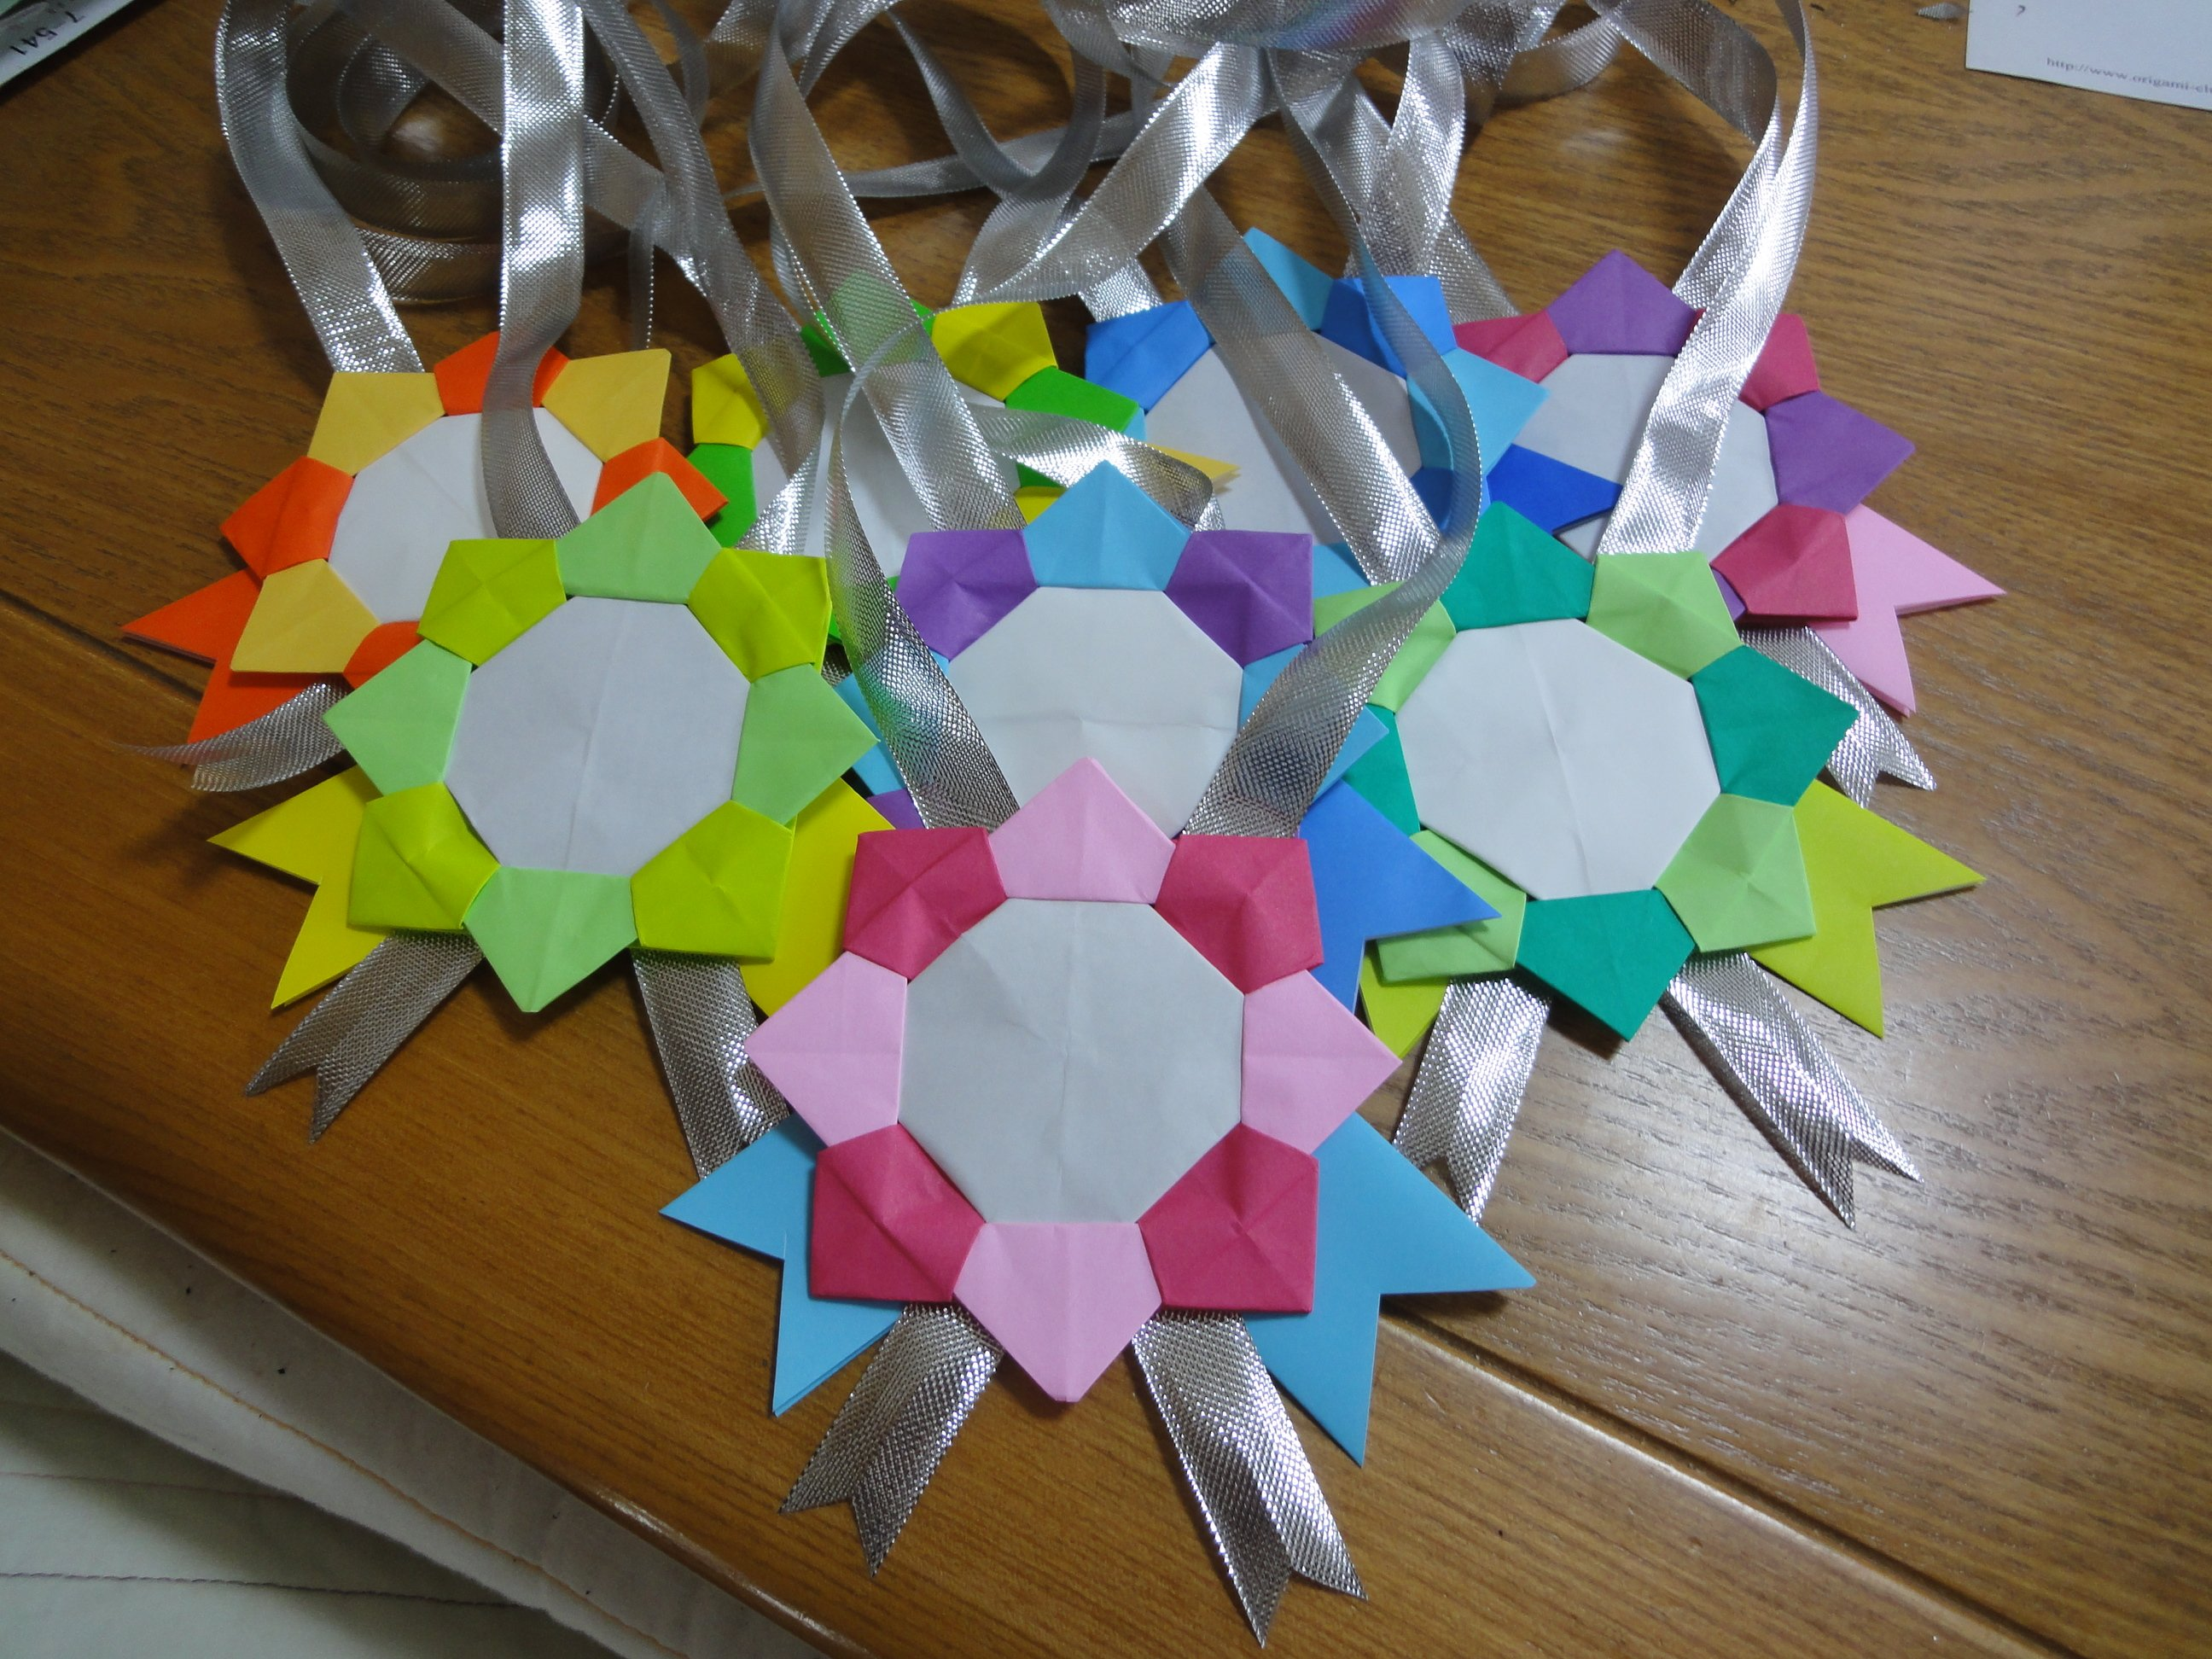 3 461 - 簡単にできる!折り紙のメダルの作り方